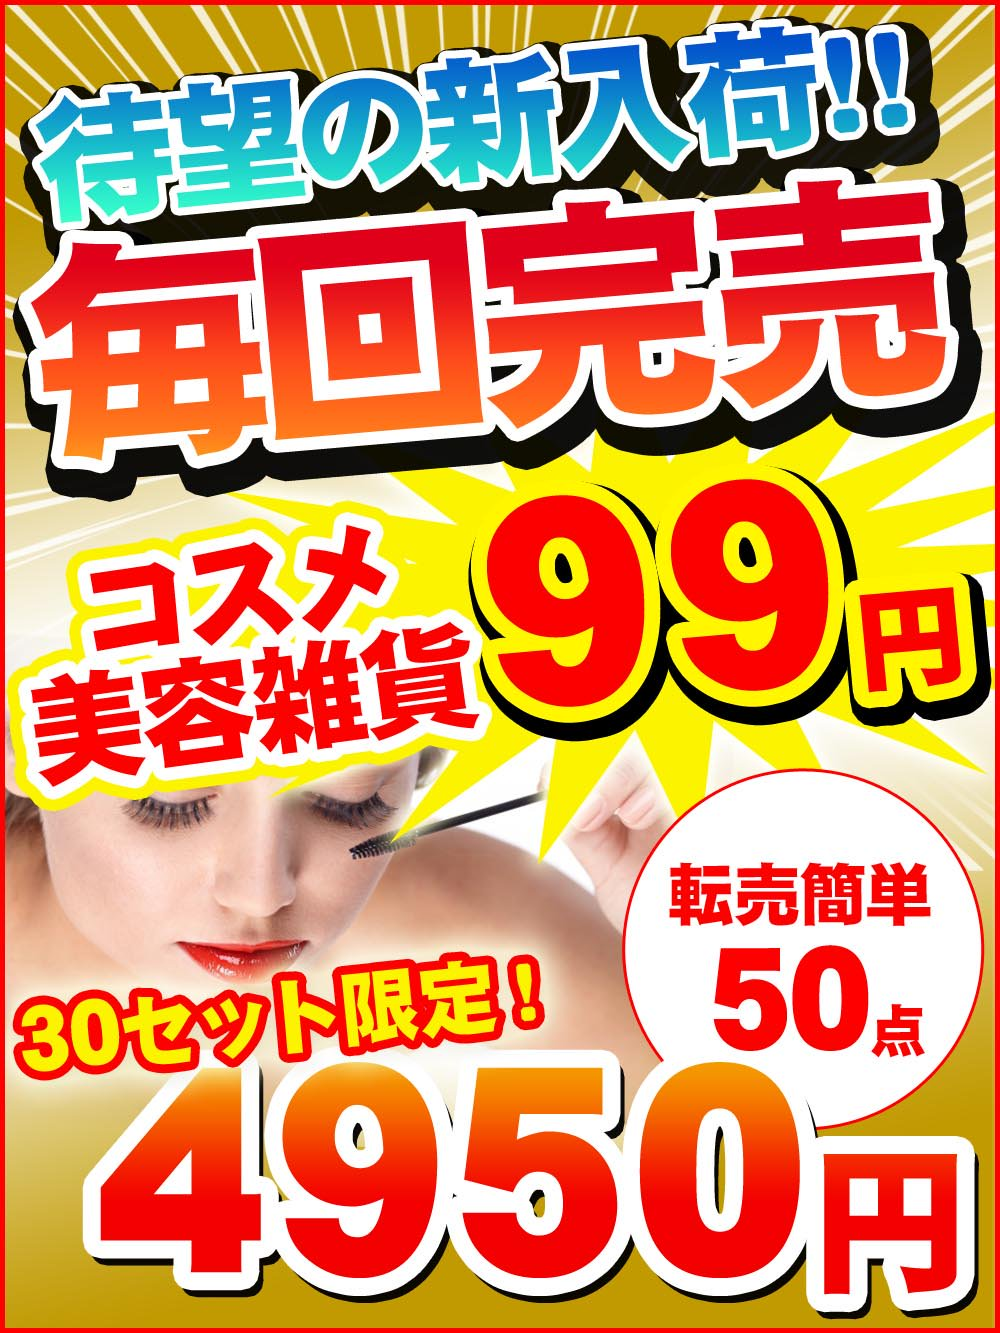 【コスメ・美容雑貨99円!】限定30セット!待望の新入荷【50点】@99